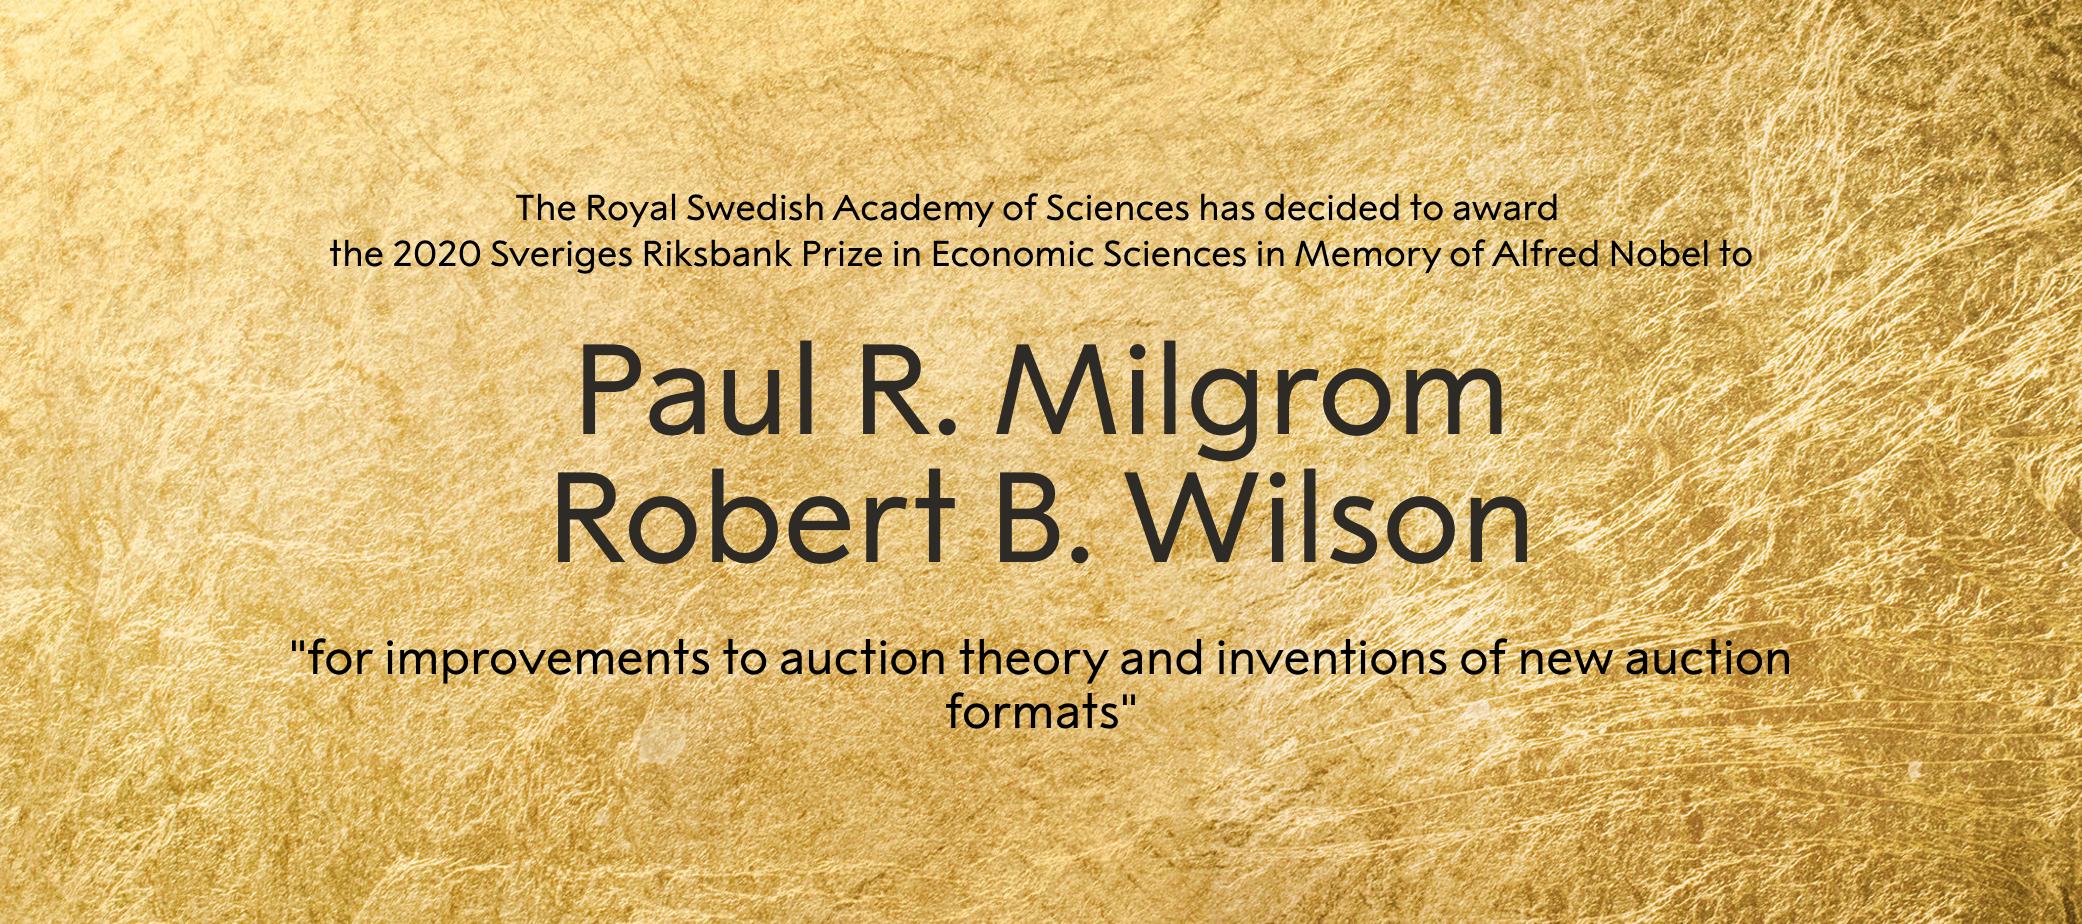 2020诺贝尔经济学奖出炉,两位美国经济学家分享奖项